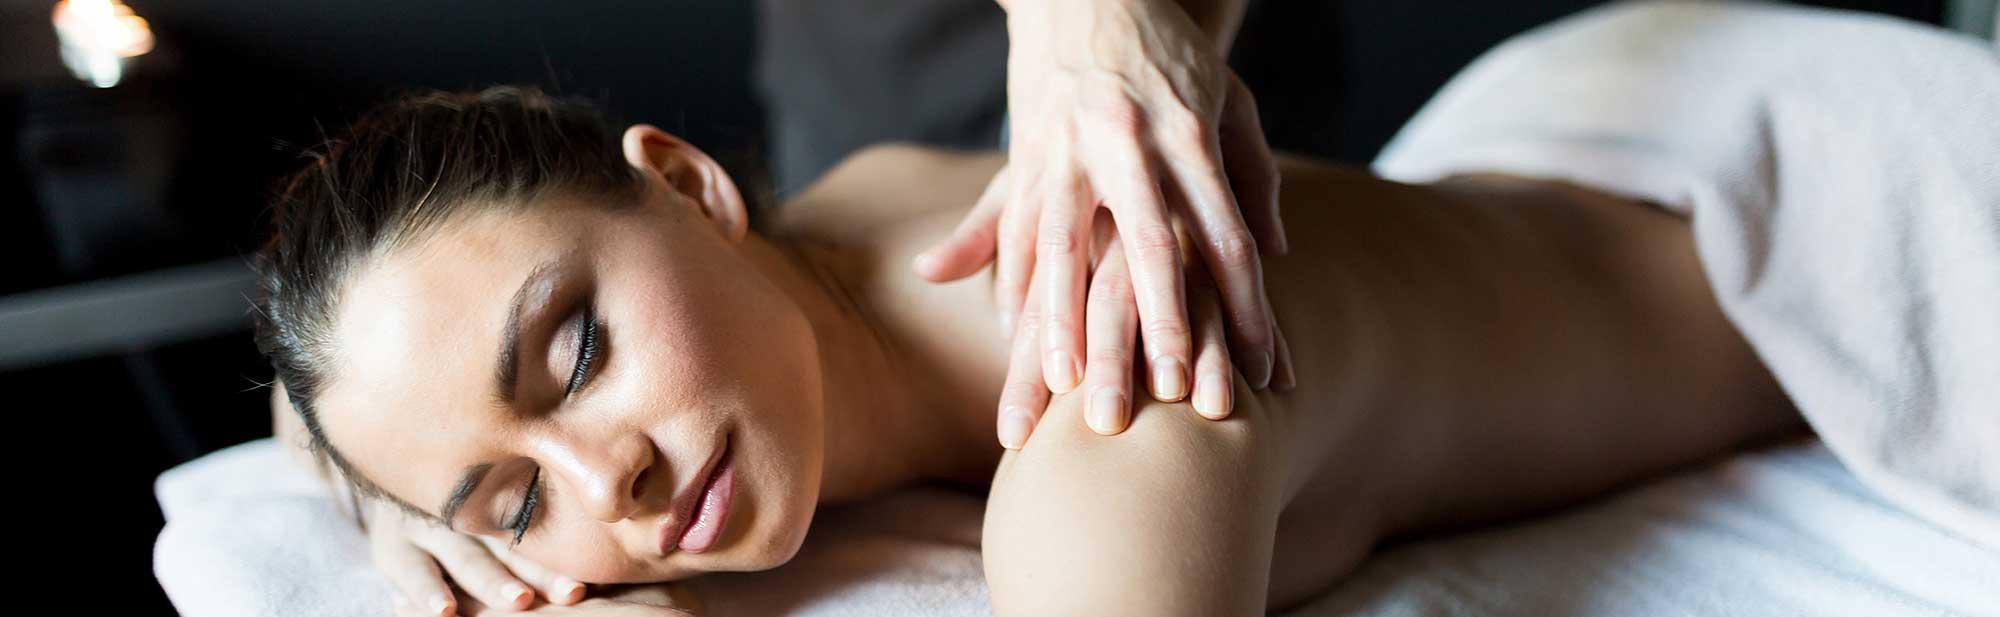 Massagen auch bei Ihnen Zuhause